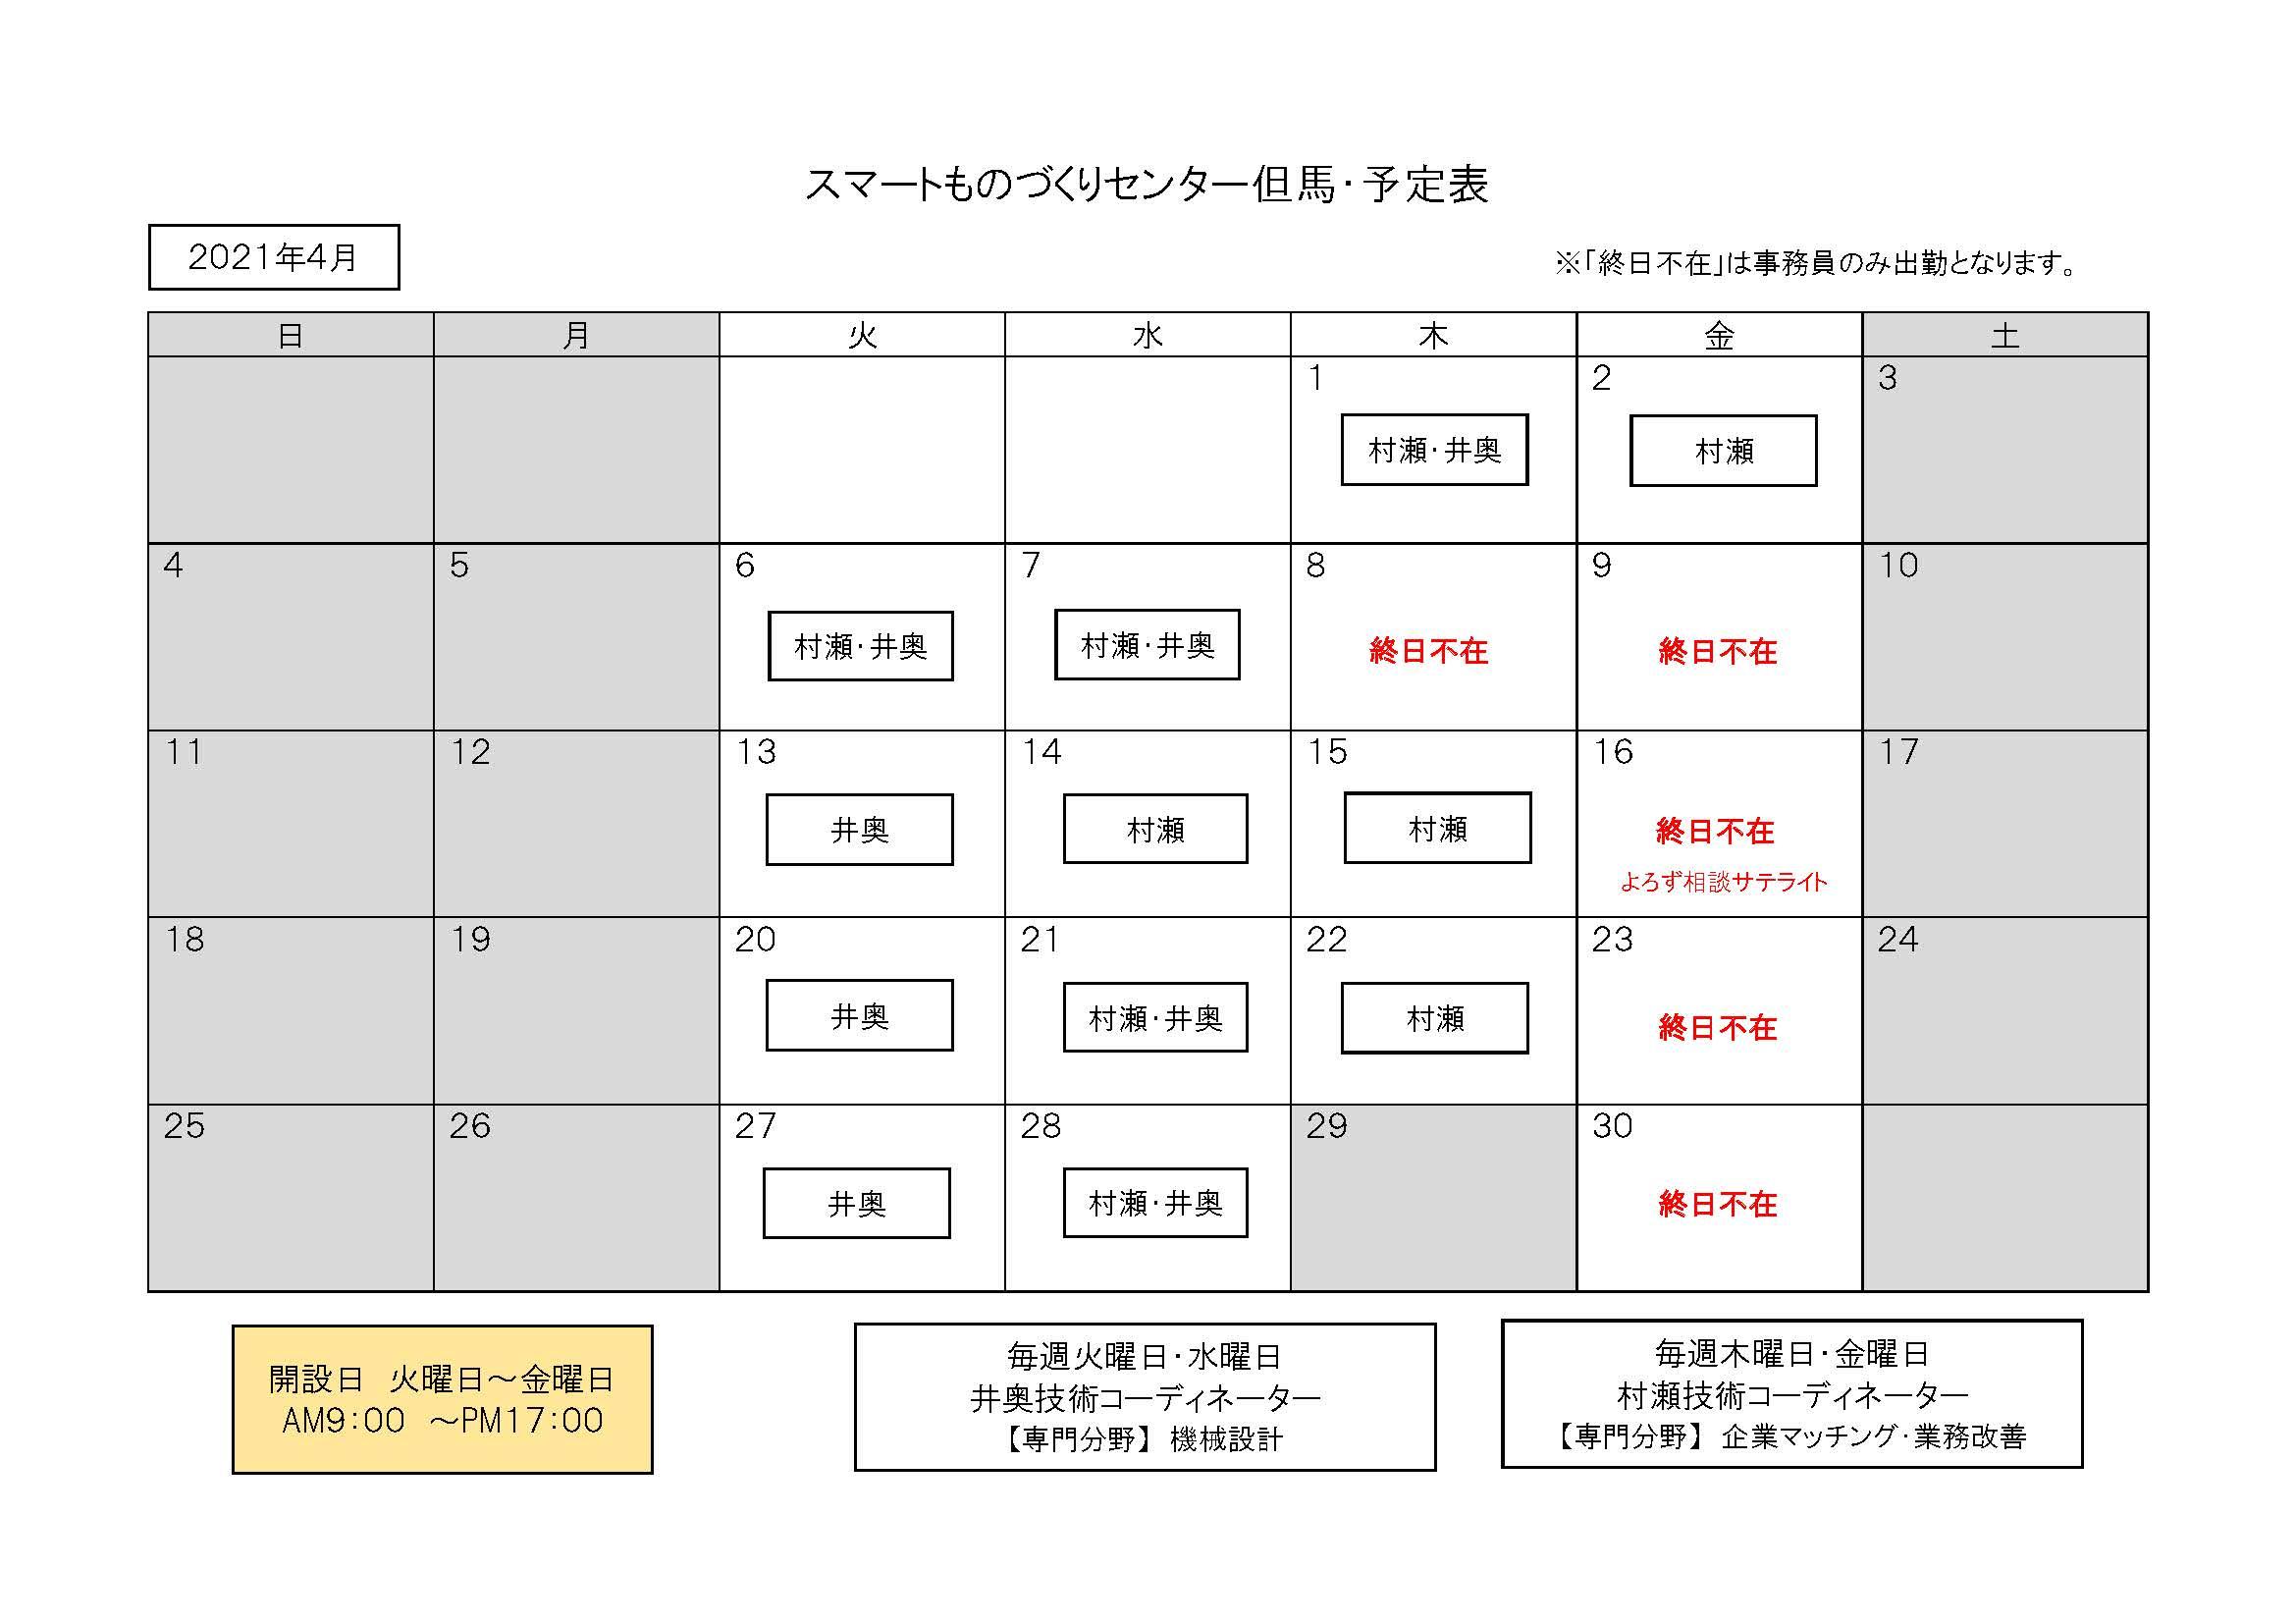 ものセン但馬日程表(2021年4月)